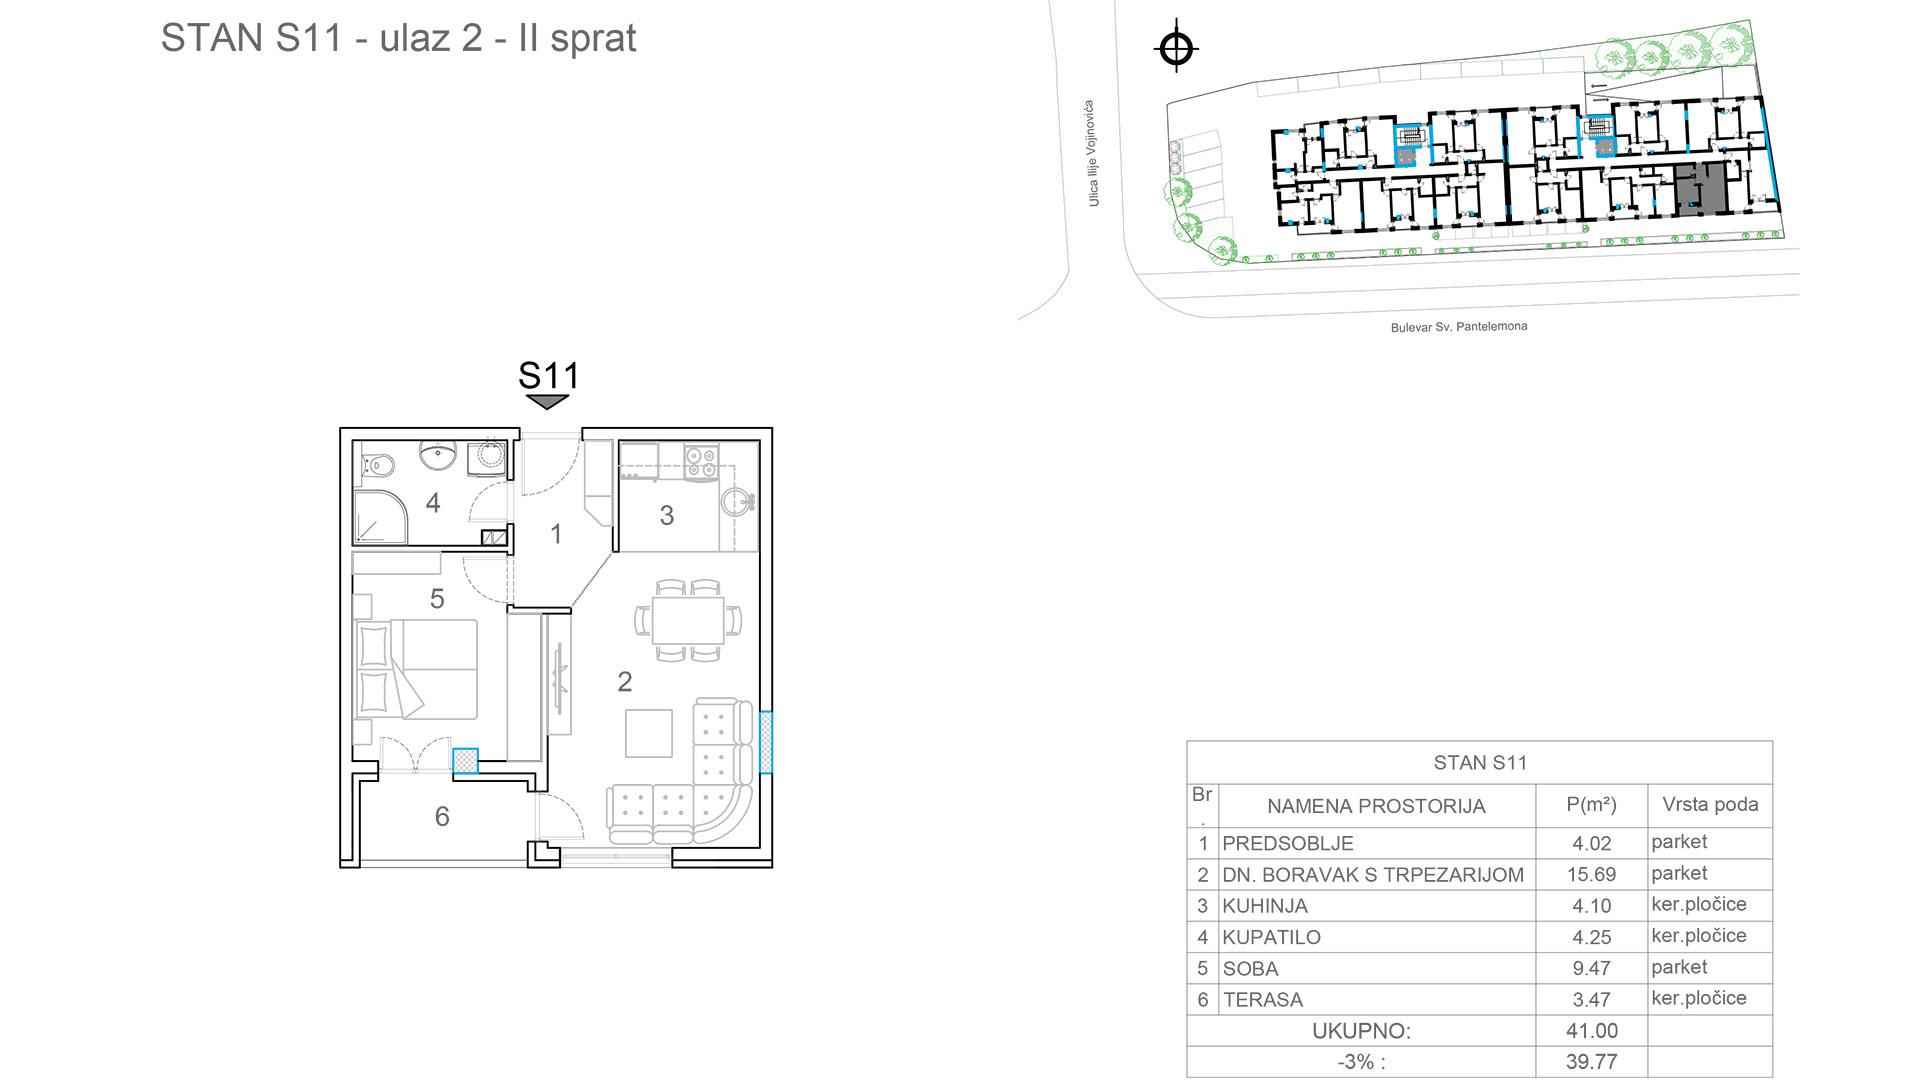 Prodaja stanova Niš - Objekat u Somborskoj bb Ulaz 2 - Stan S11